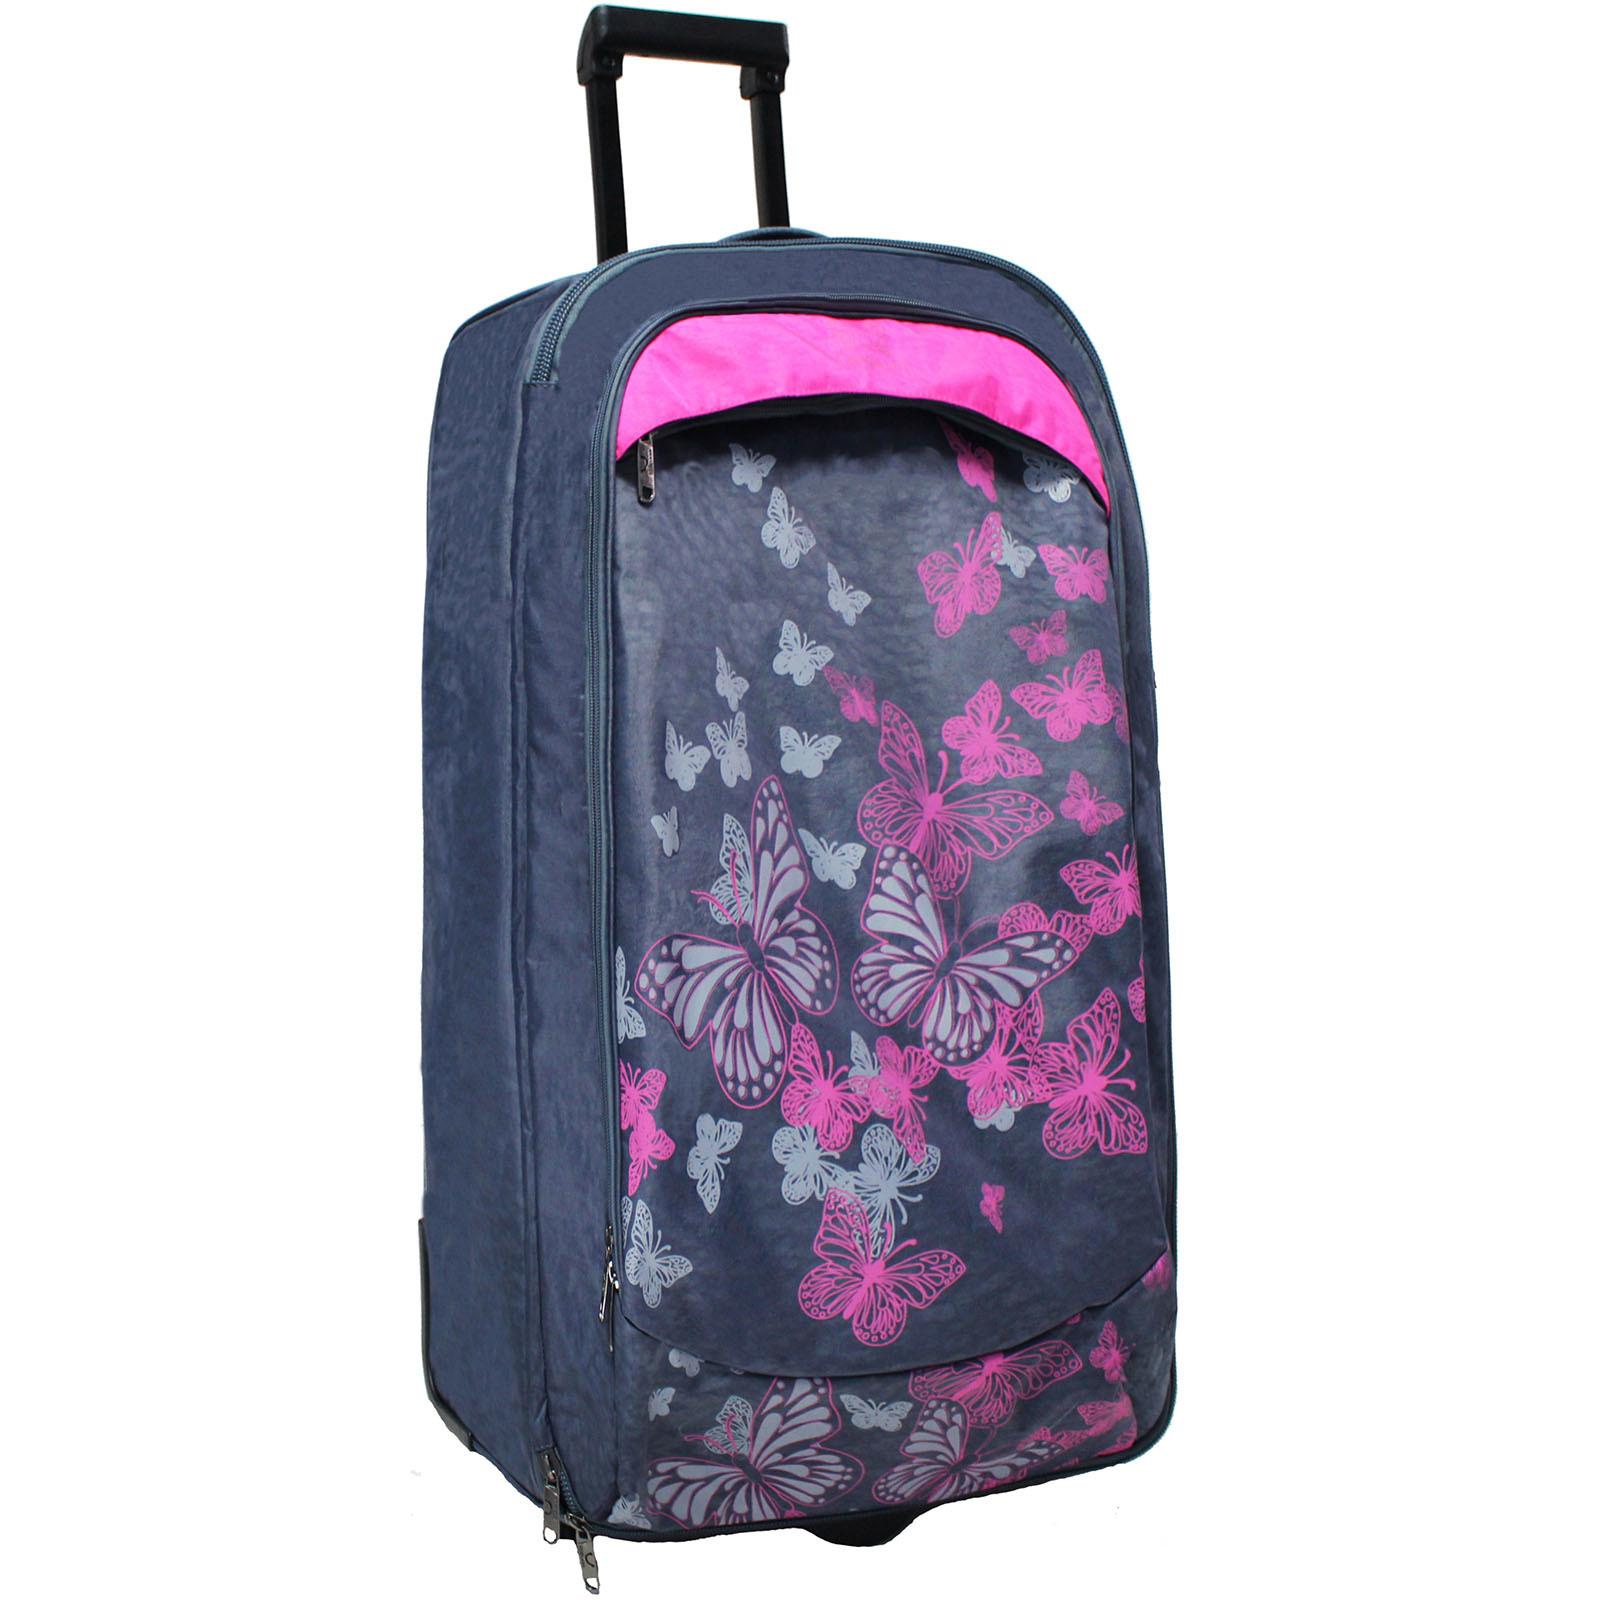 Дорожные чемоданы Сумка дорожная Bagland Барселона 86 л. Серый/розовый (0039470) IMG_0826.JPG